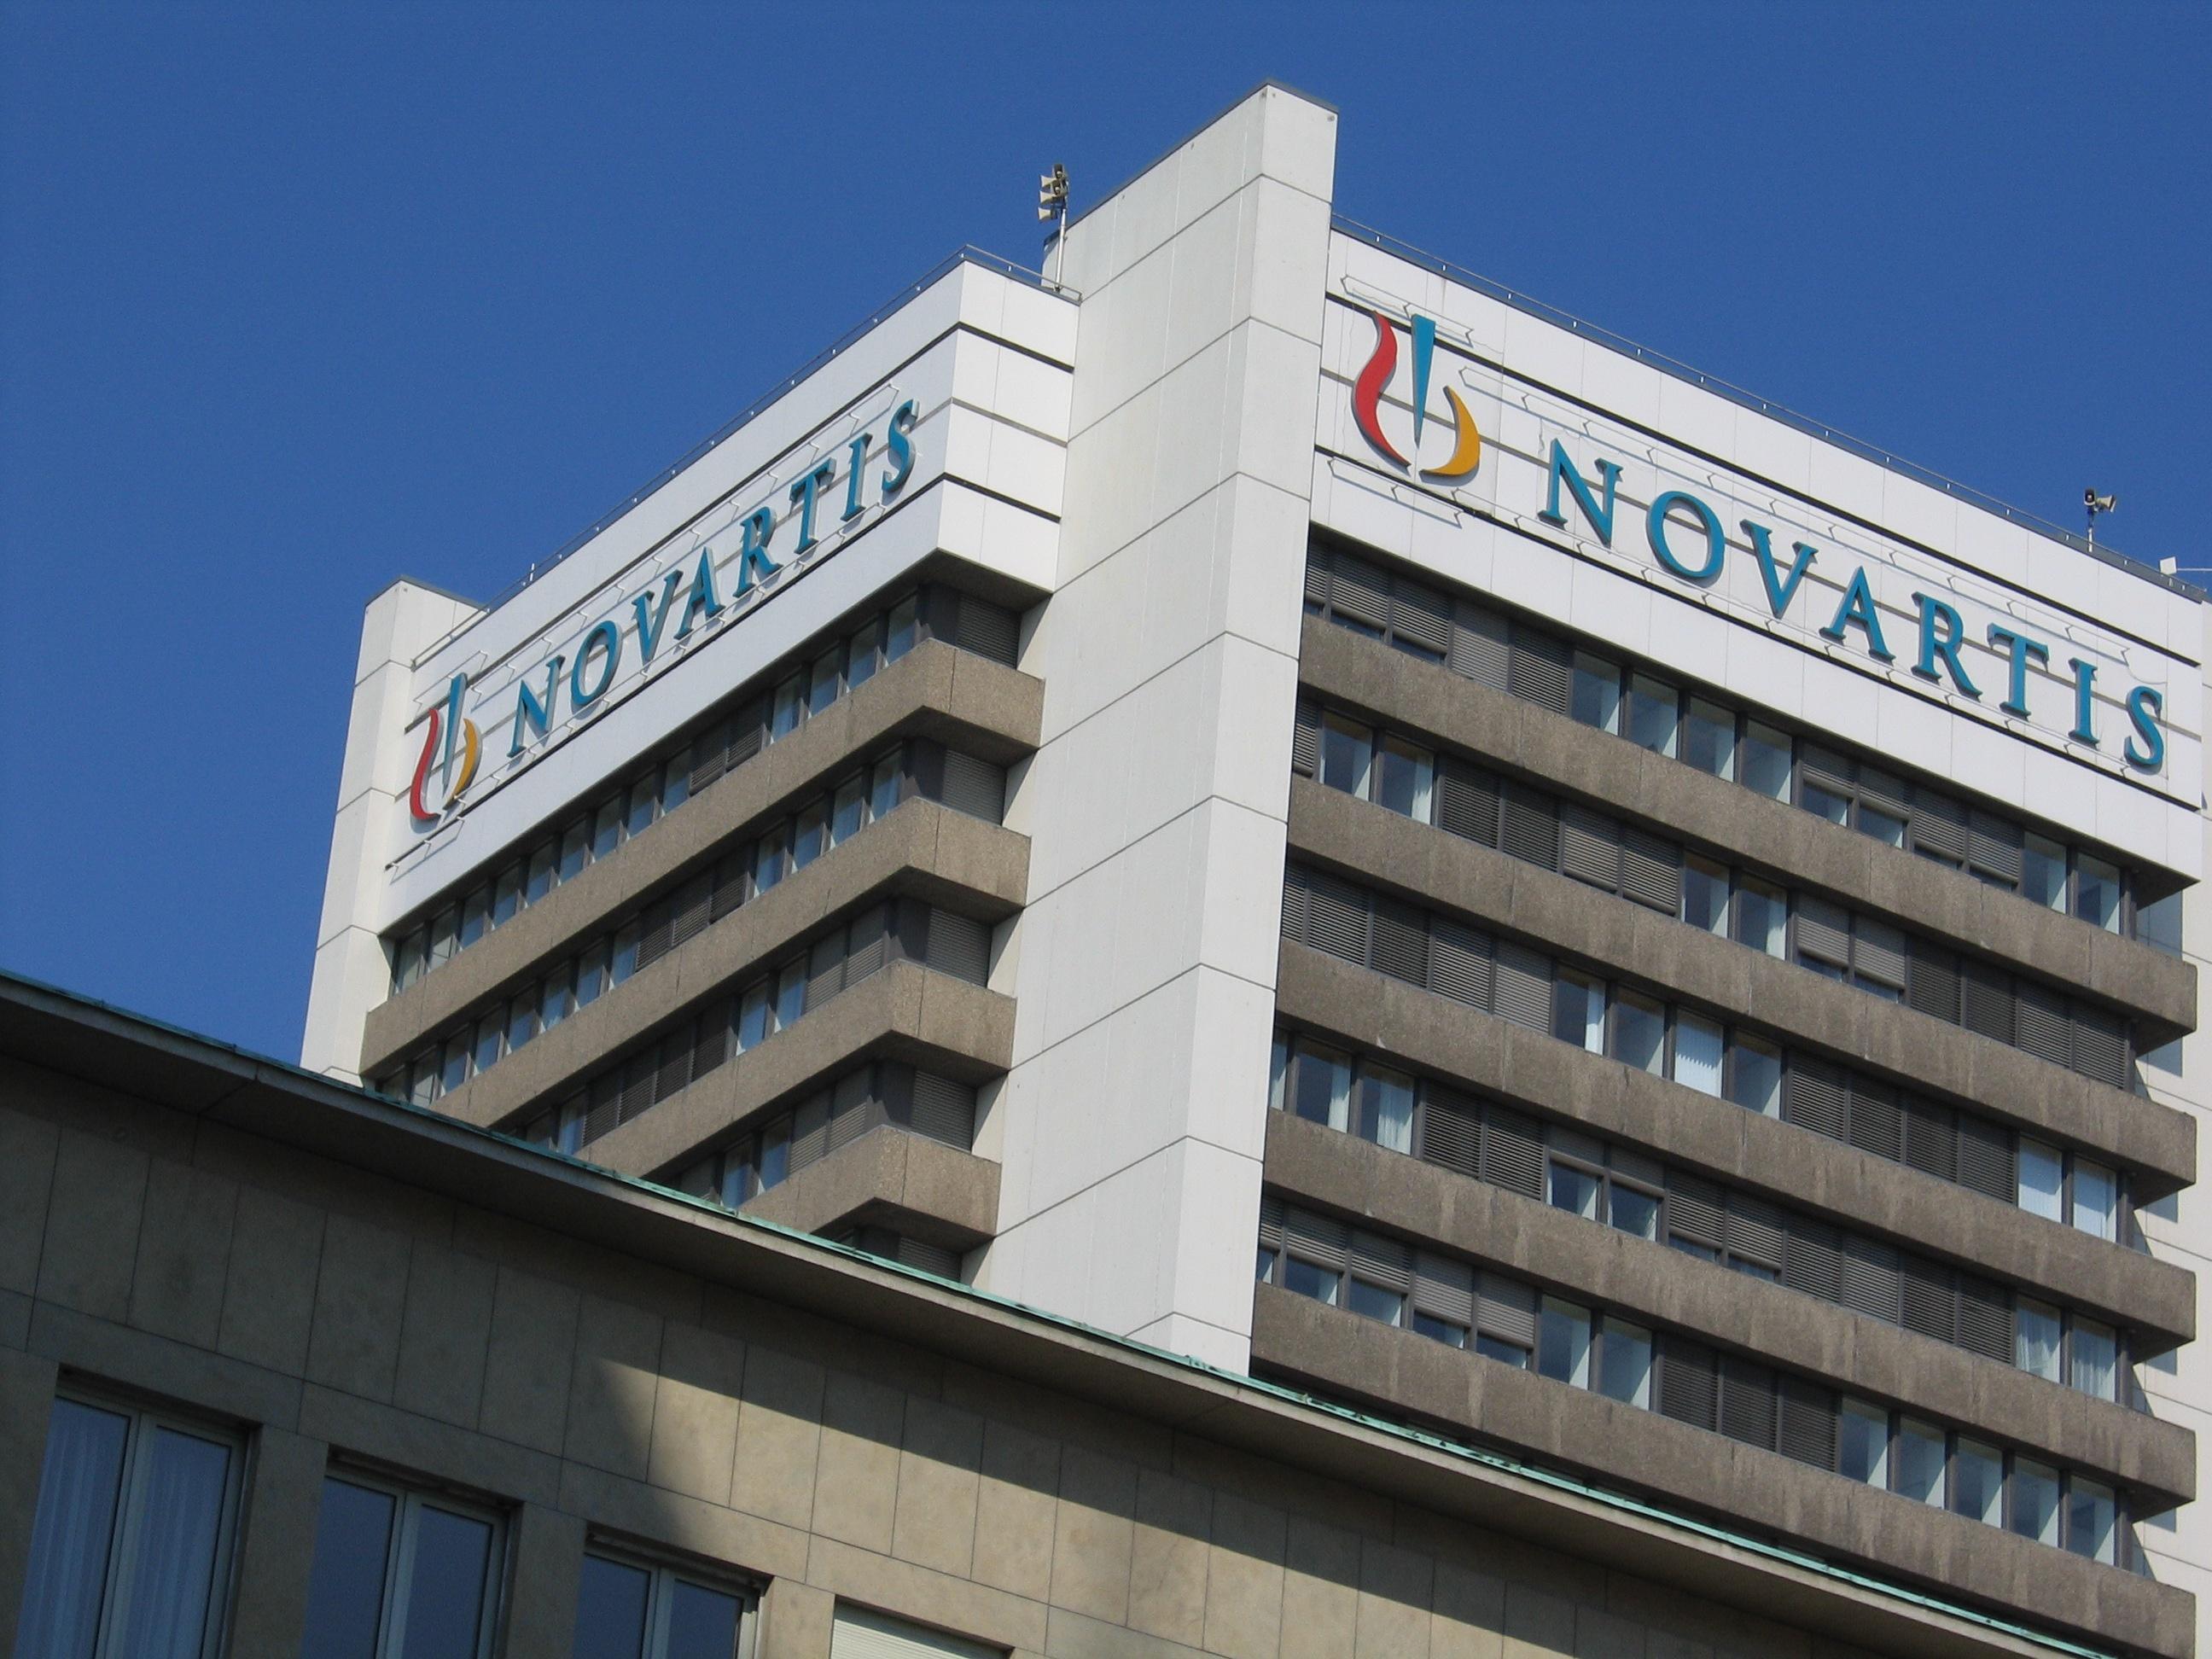 Nuevos datos de »Lucentis» (Novartis) confirman los buenos resultados en enfermos con patología retiniana